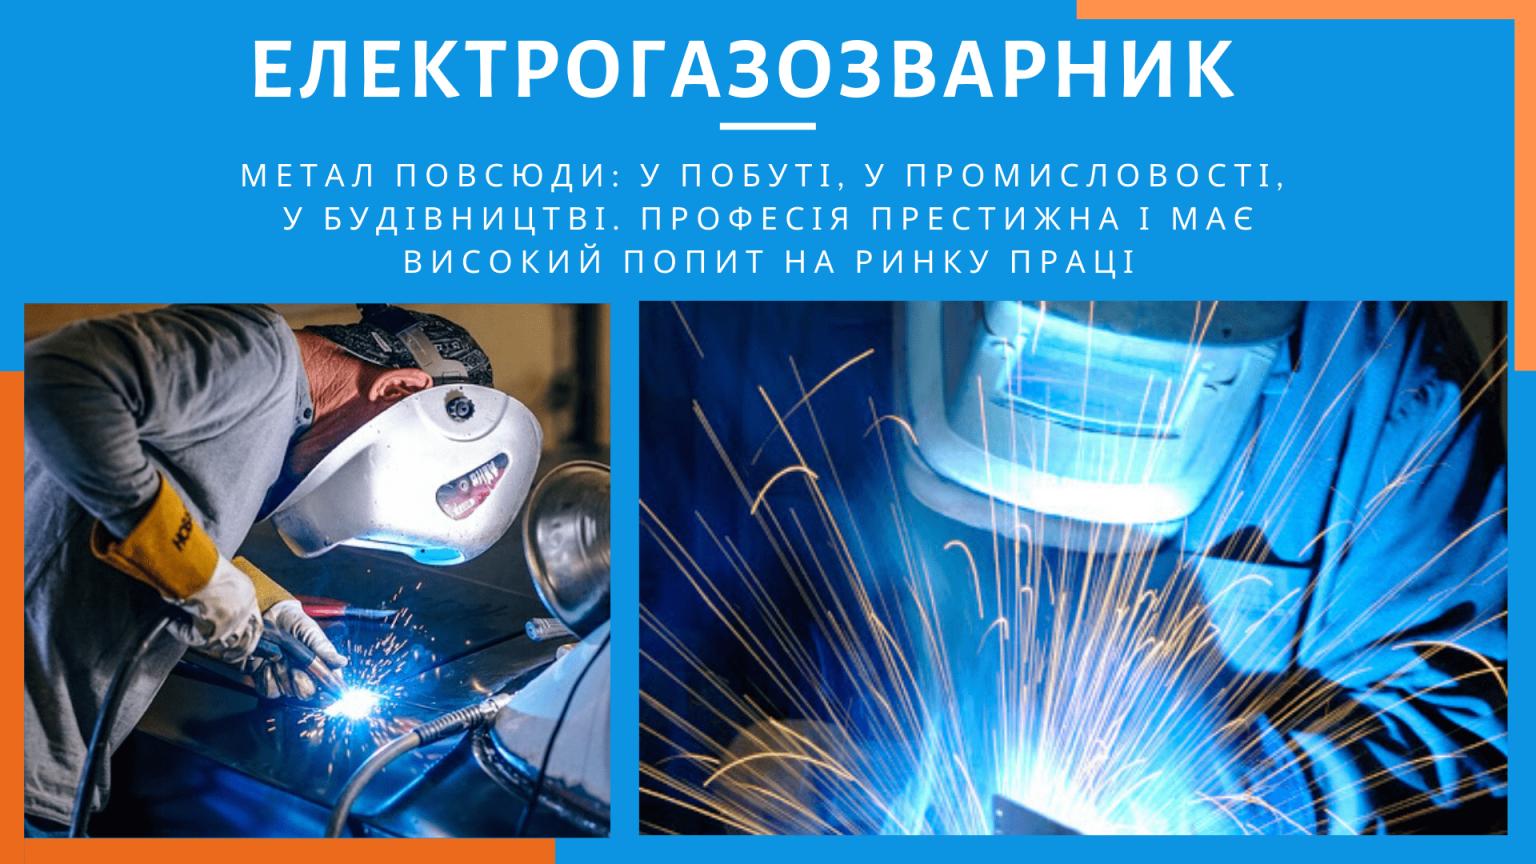 Електрогазозварник Профосвіта Полтавщини